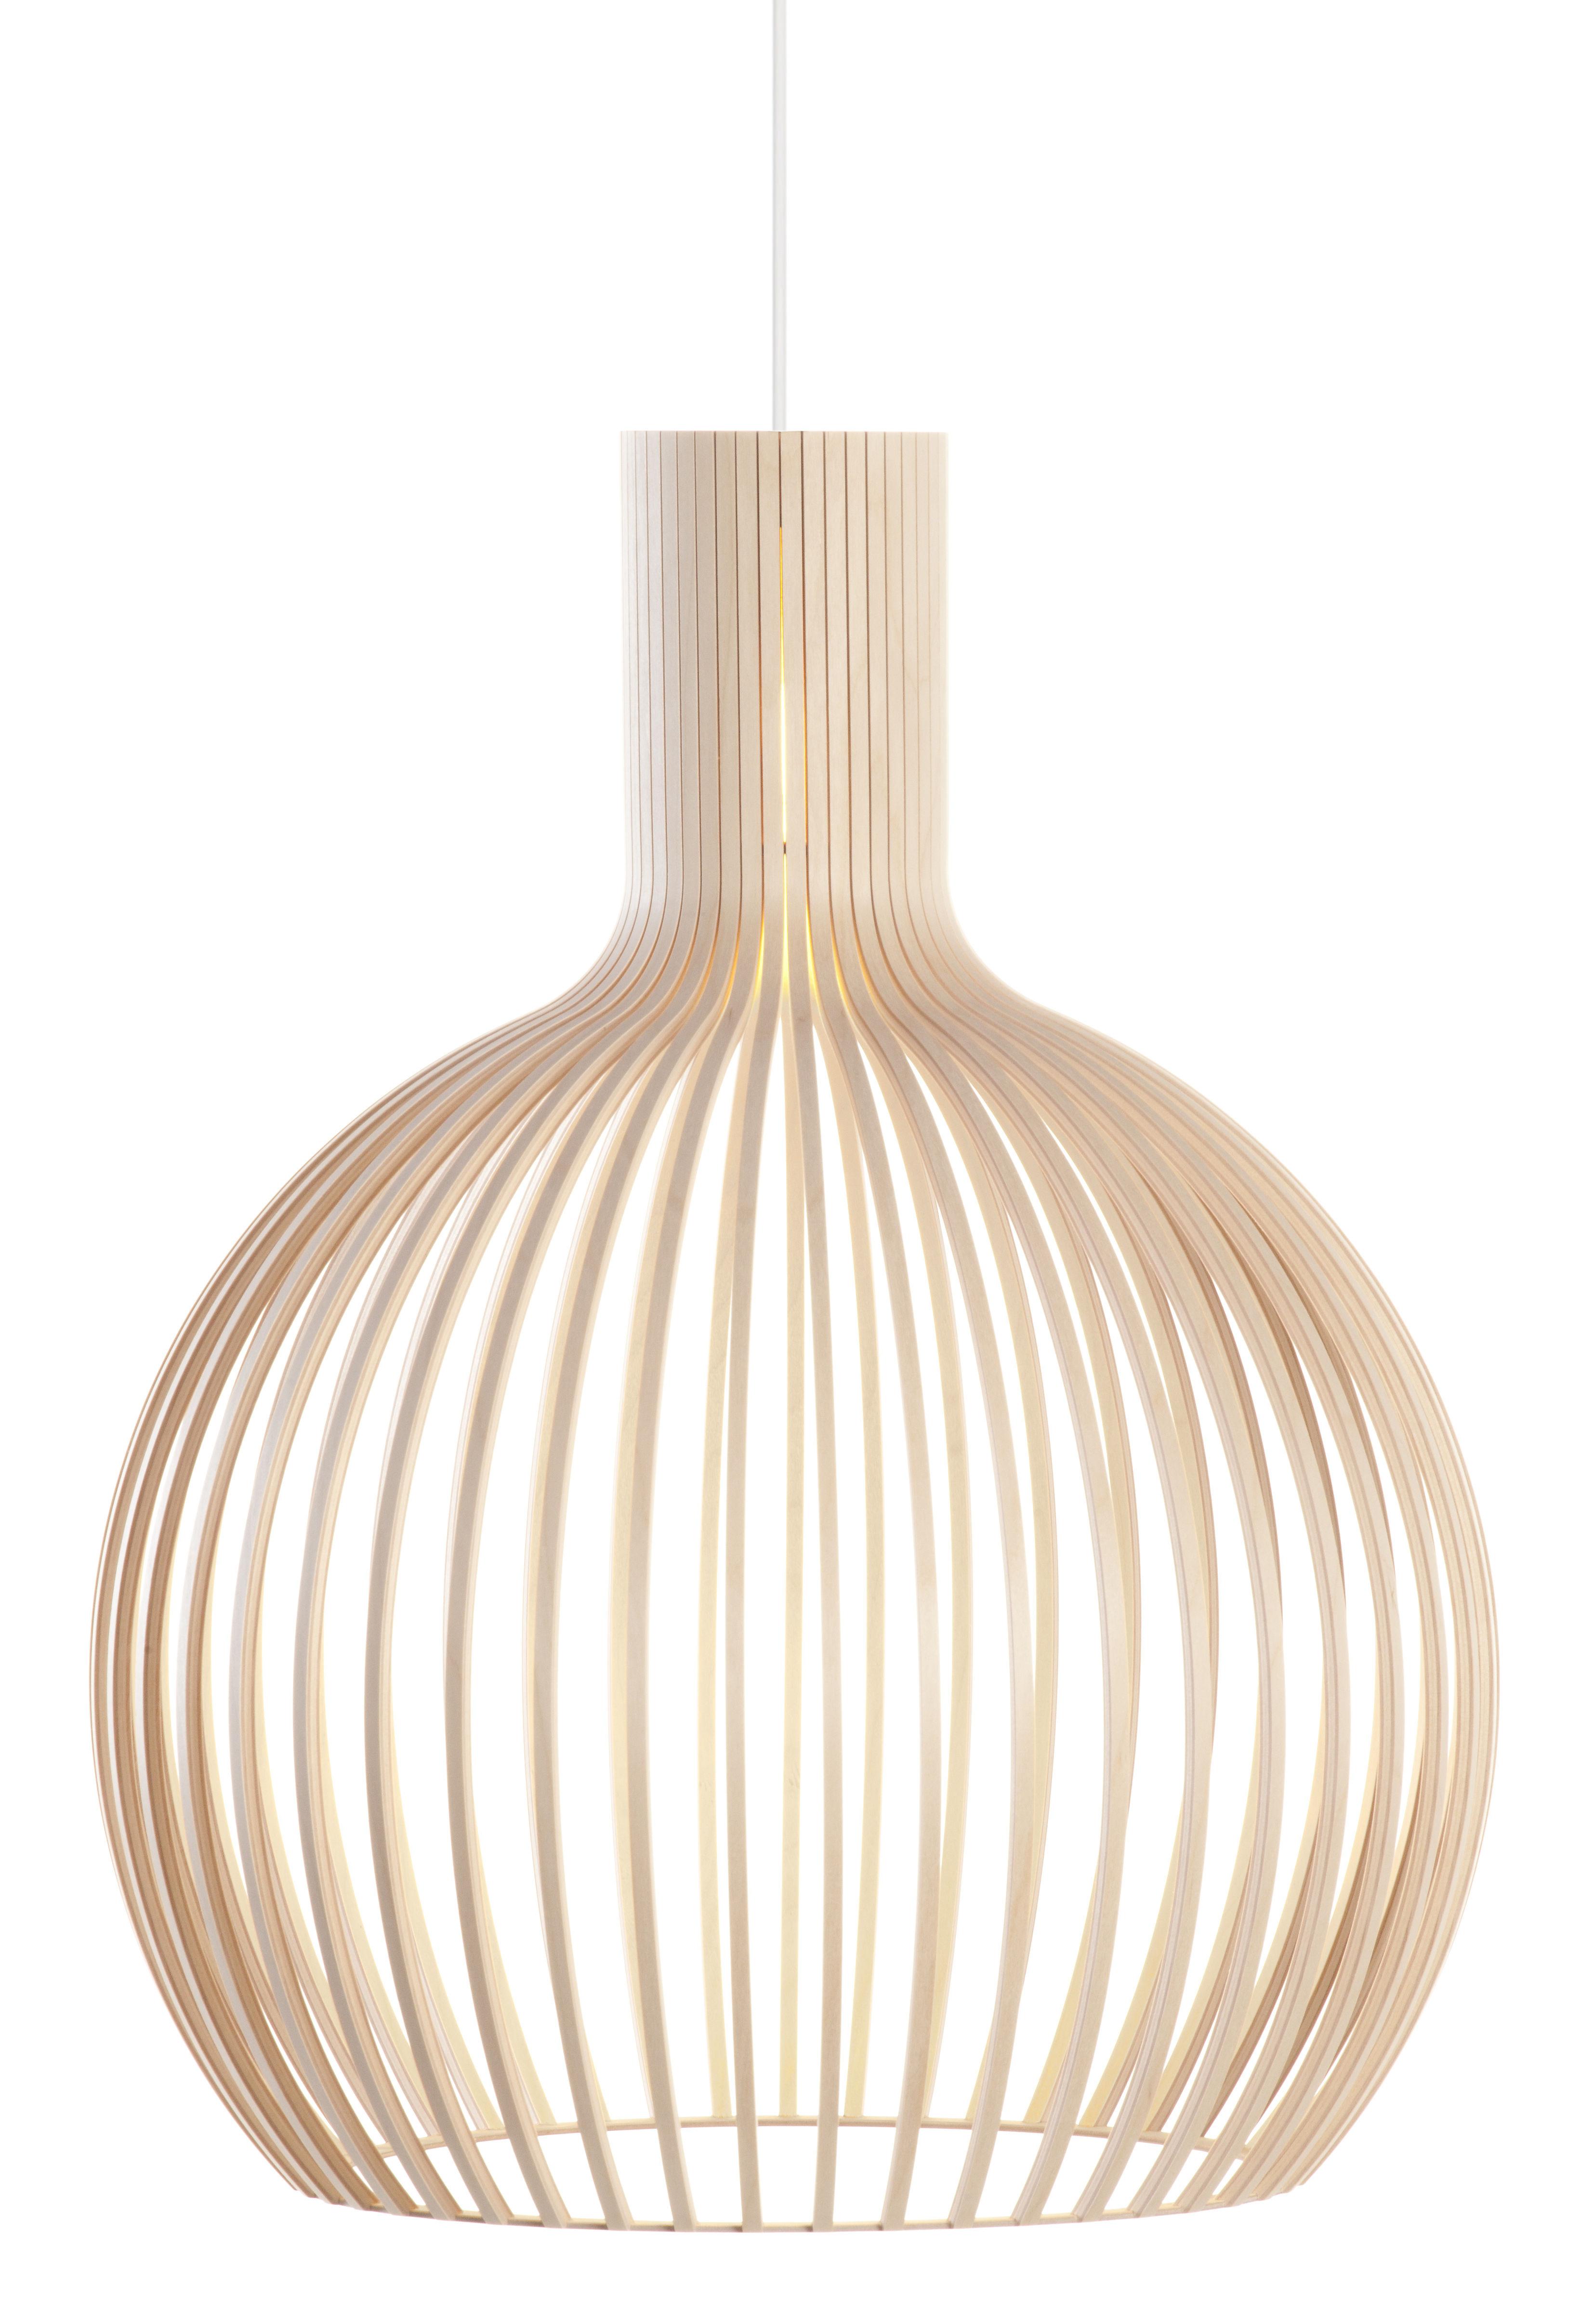 Luminaire - Suspensions - Suspension Octo / Ø 54 cm - Secto Design - Bouleau naturel / Câble blanc - Lattes de bouleau, Textile